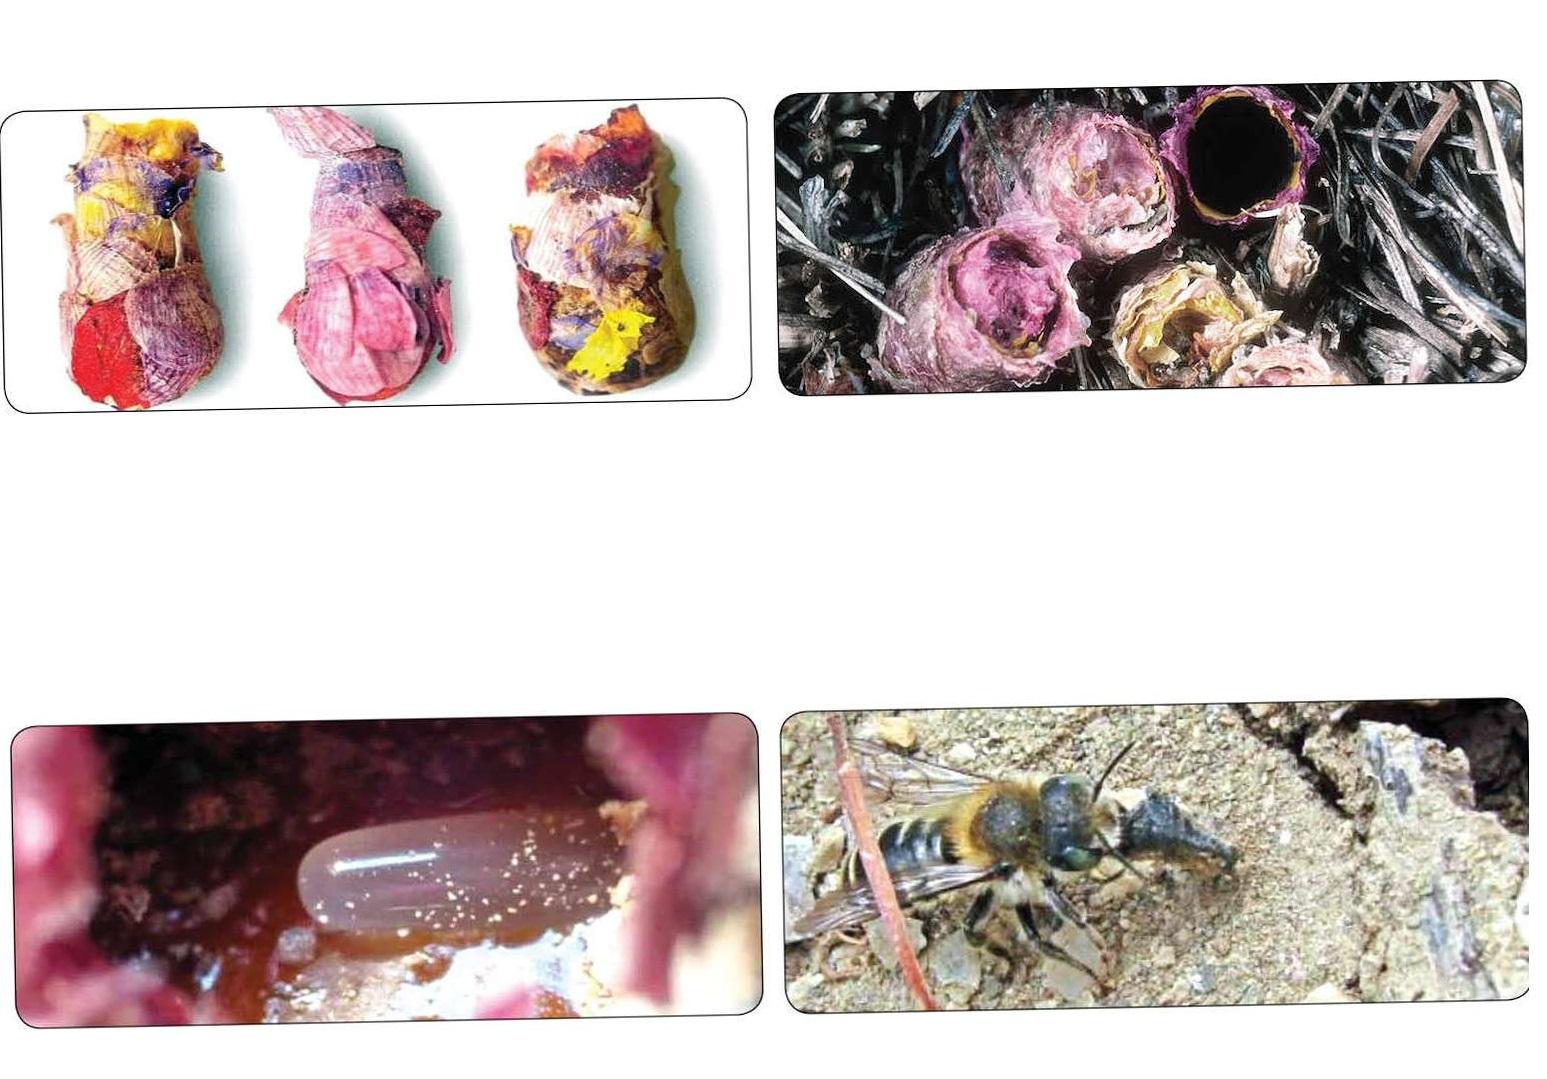 زنبوری که با گلبرگ های رنگارنگ لانه می سازد (+عکس)